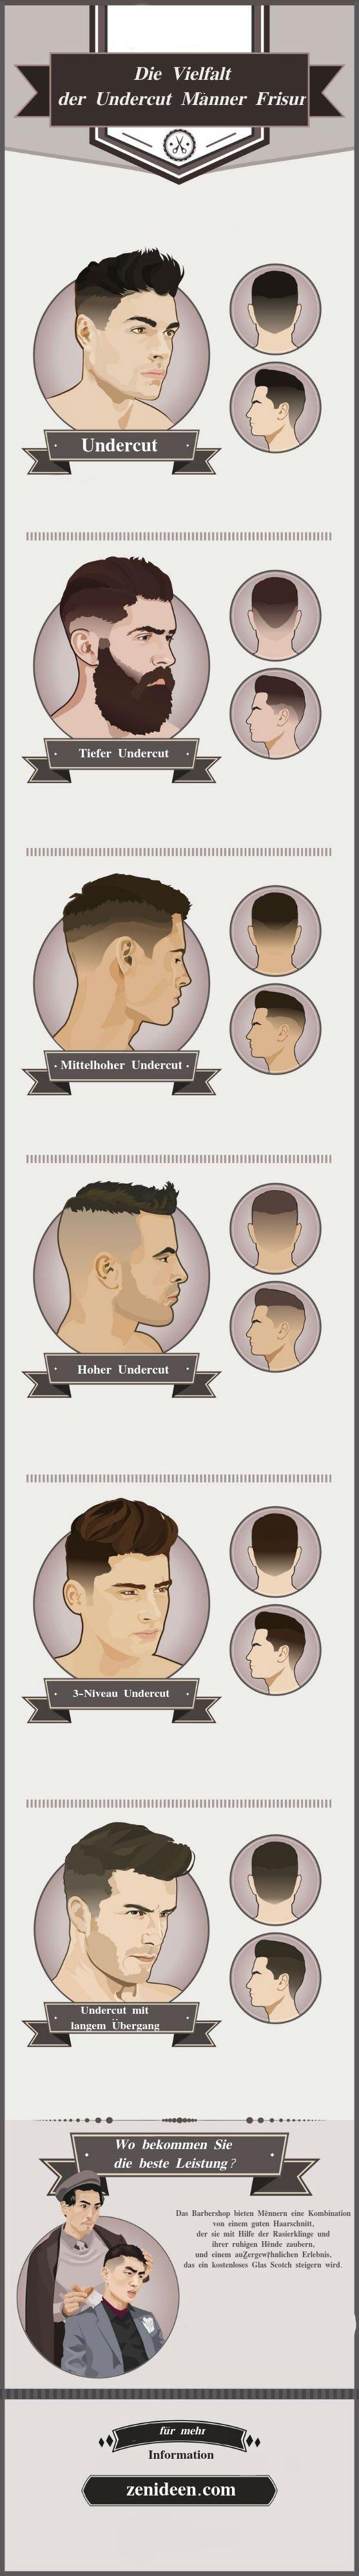 Die Vielfalt die Undercut Männer Frisur - welcher Undercut ist passend zu Ihrem Gesichtsform?